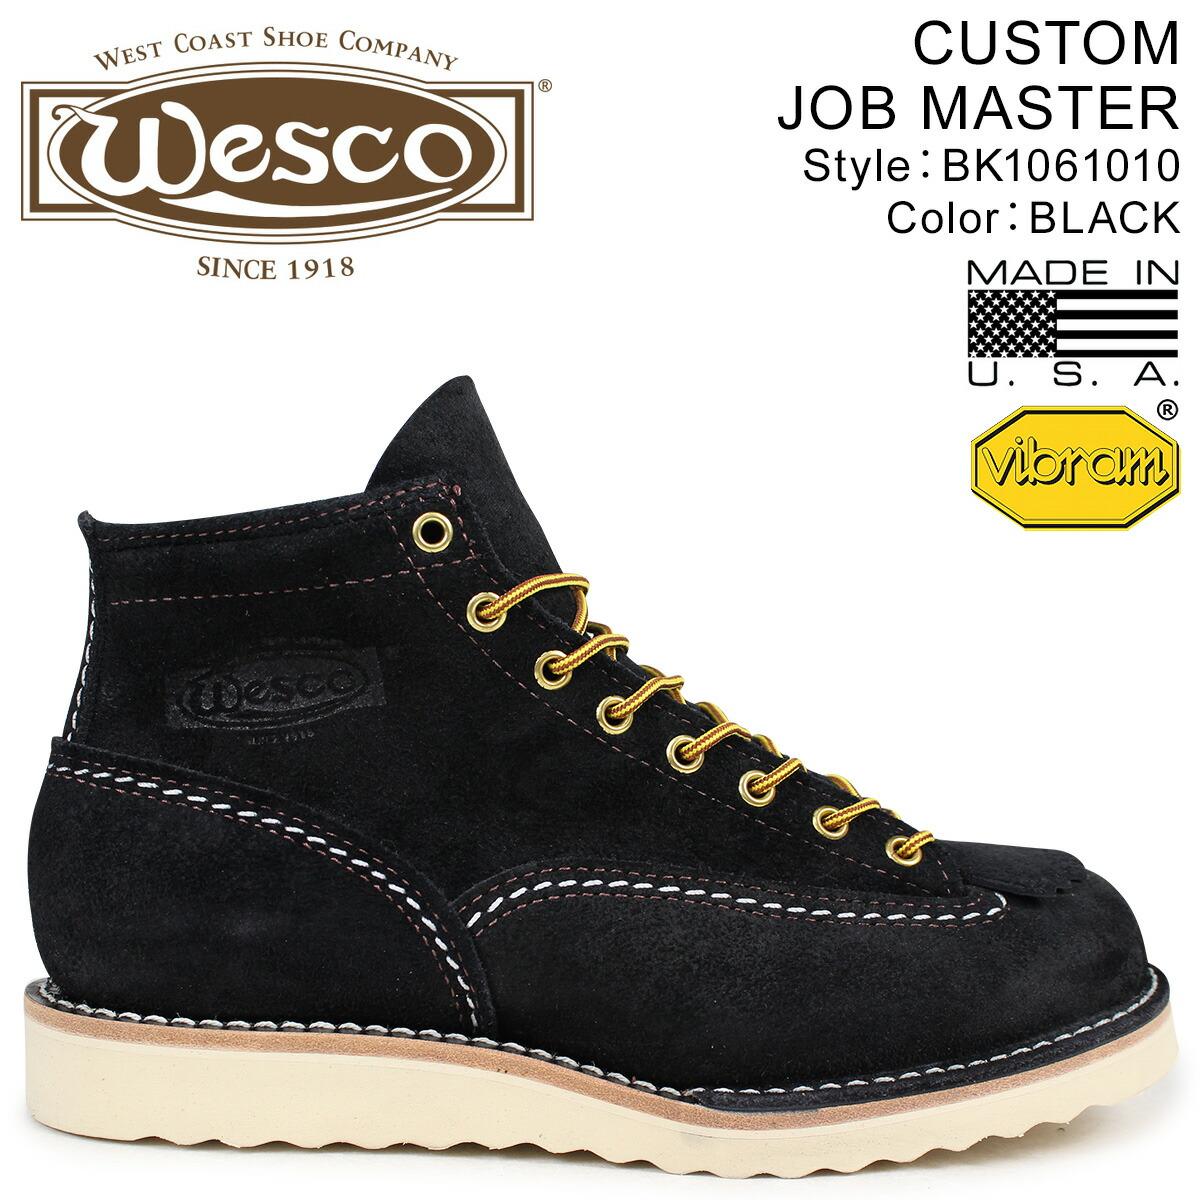 ウエスコ ジョブマスター WESCO ブーツ 6インチ カスタム 6INCH CUSTOM JOB MASTER 2Eワイズ スエード メンズ ブラック BK1061010 ウェスコ [2/1 新入荷]